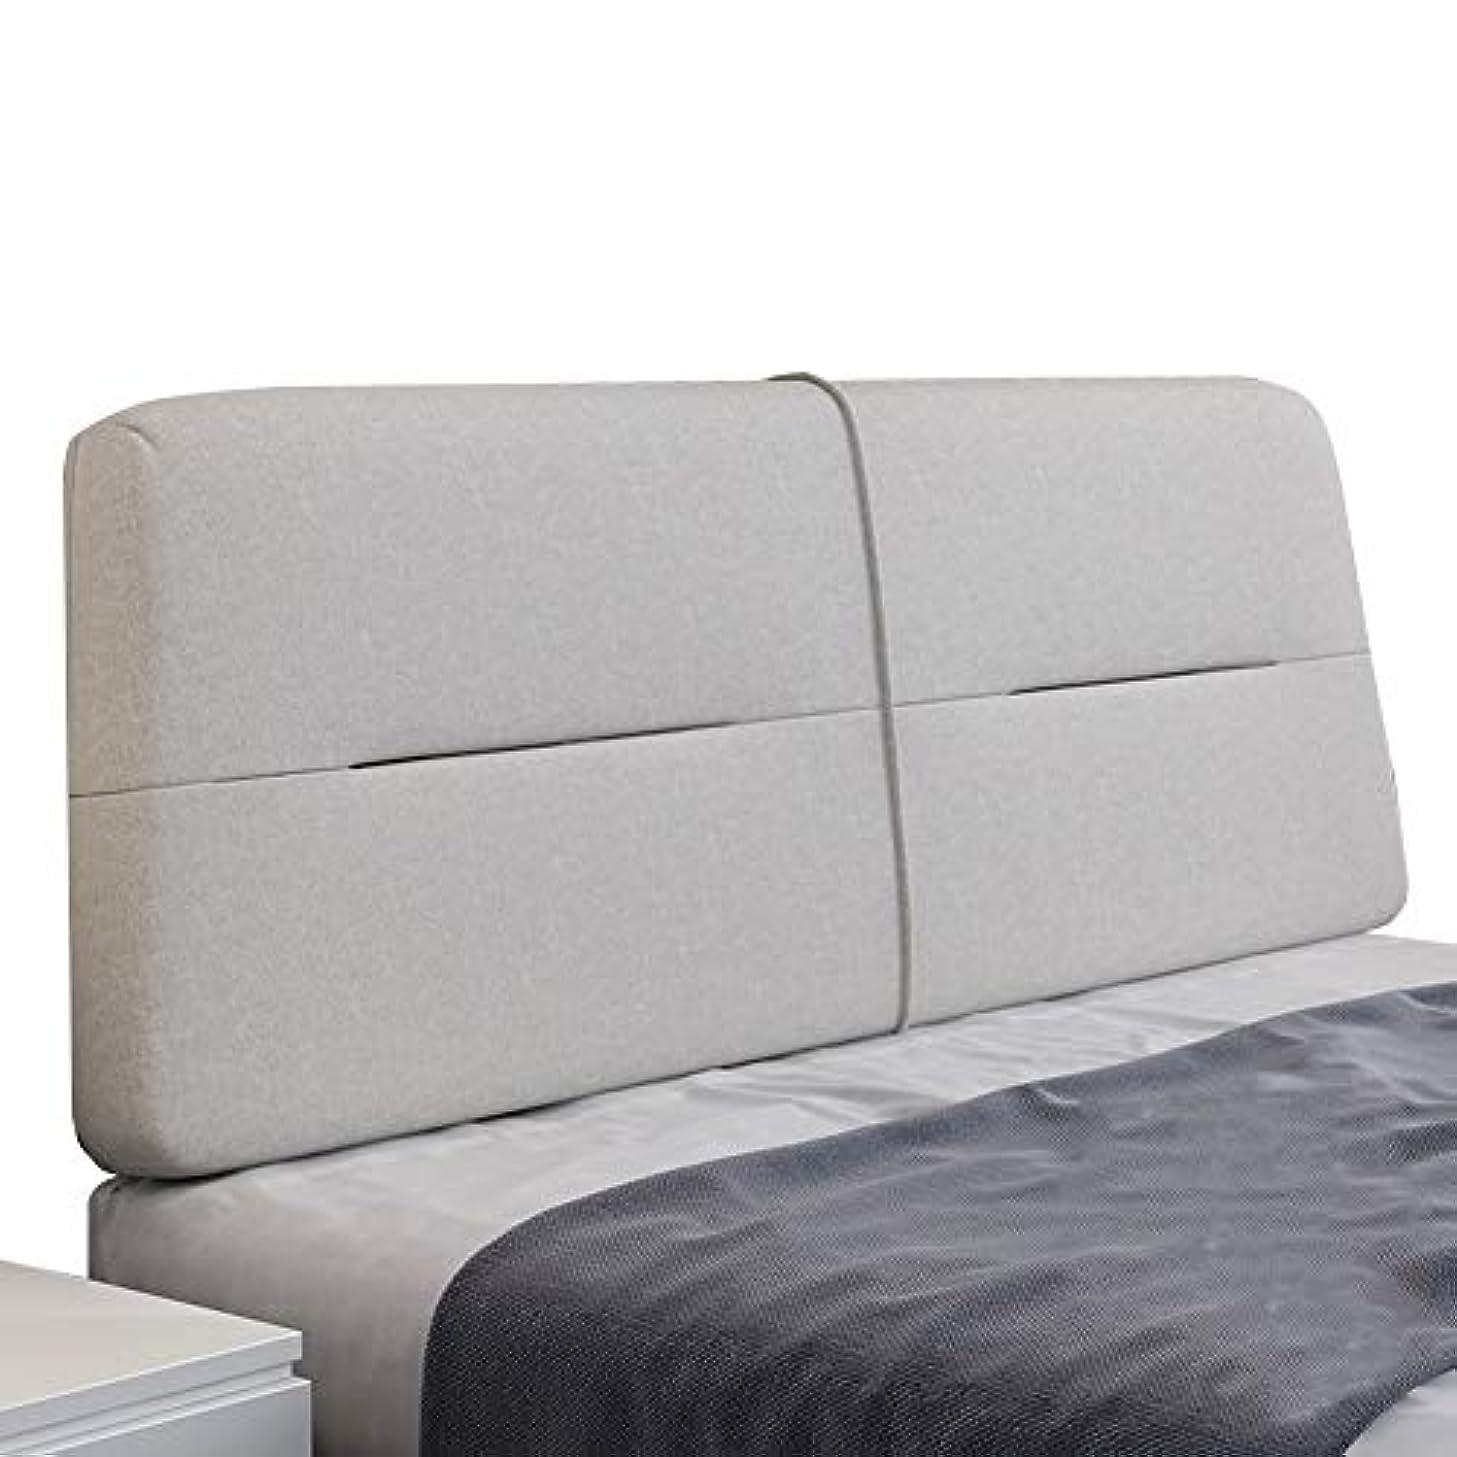 結論言い訳準備ができてLIANGLIANG クションベッドの背もたれ ダブルピープルエクストララージ台形ベッド背もたれクッション簡潔なデザイン綿布4色、18サイズ (色 : Gray, サイズ さいず : 210x60x10cm)